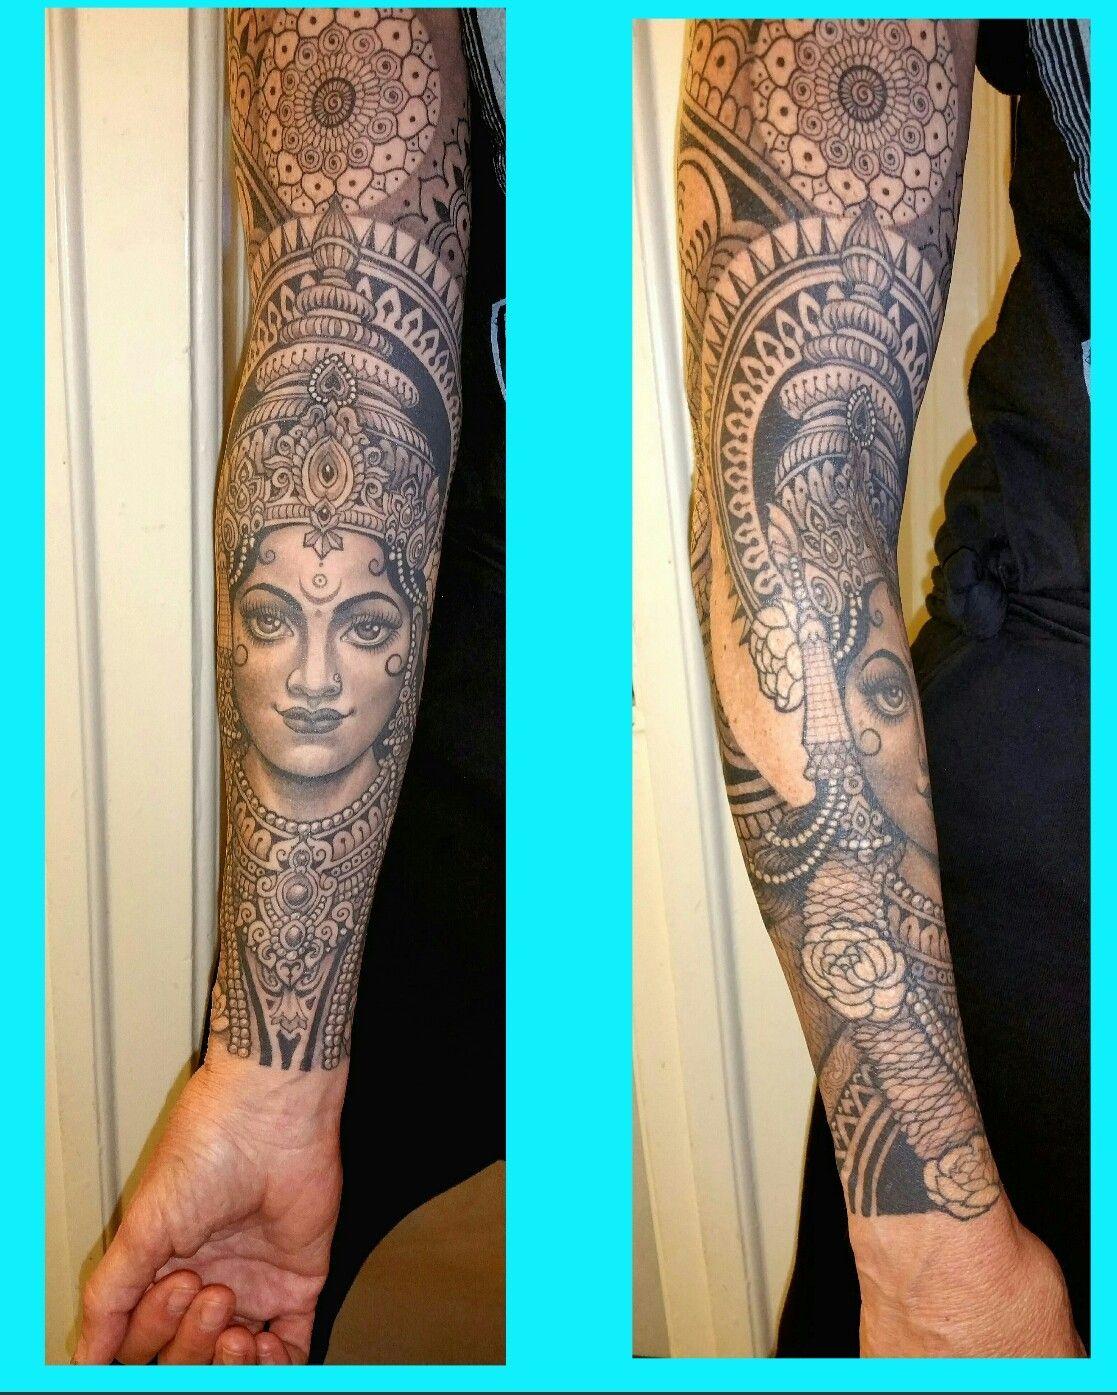 A581511817ad025c66f89199618454f4 Jpg 1 117 1 395 Pixels Sleeve Tattoos Kali Tattoo Hindu Tattoo